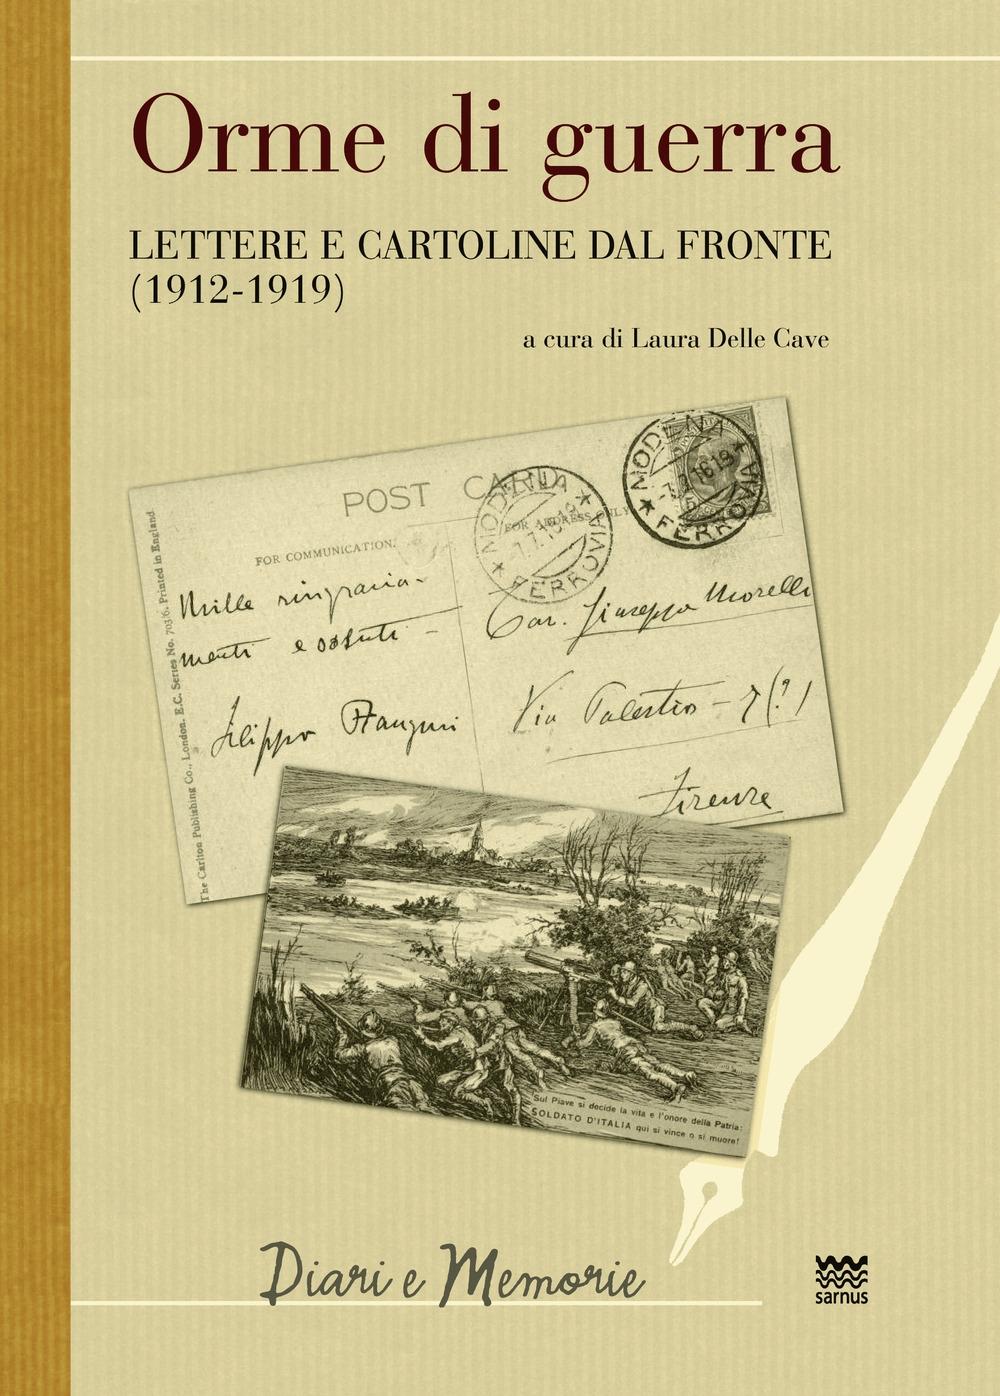 Orme di guerra. Lettere e cartoline dal fronte. (1912-1919)